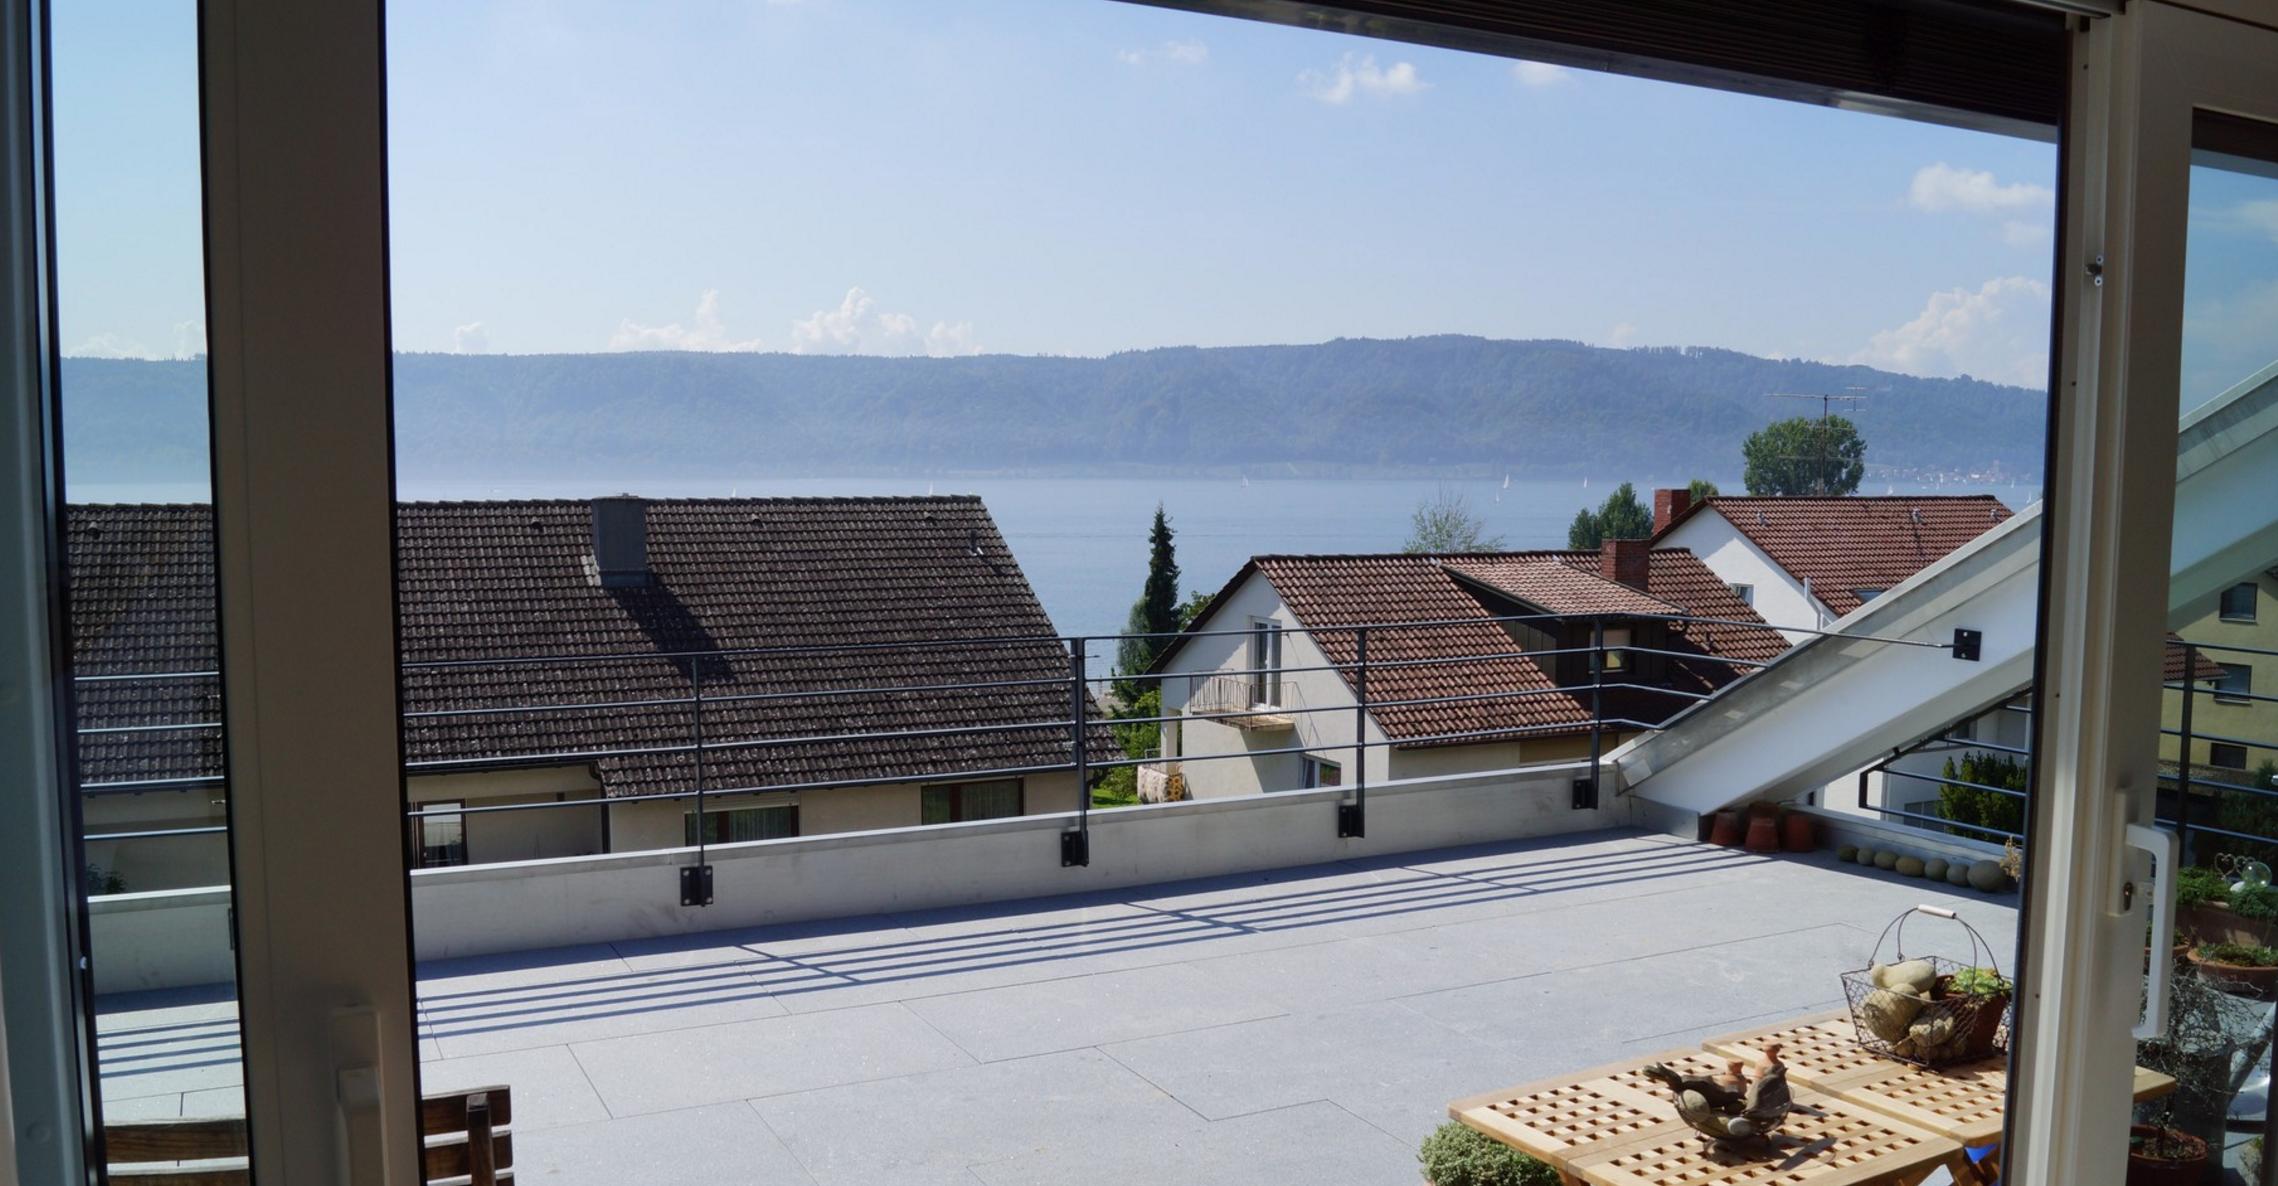 Mehrfamilienhaus mit Seesicht